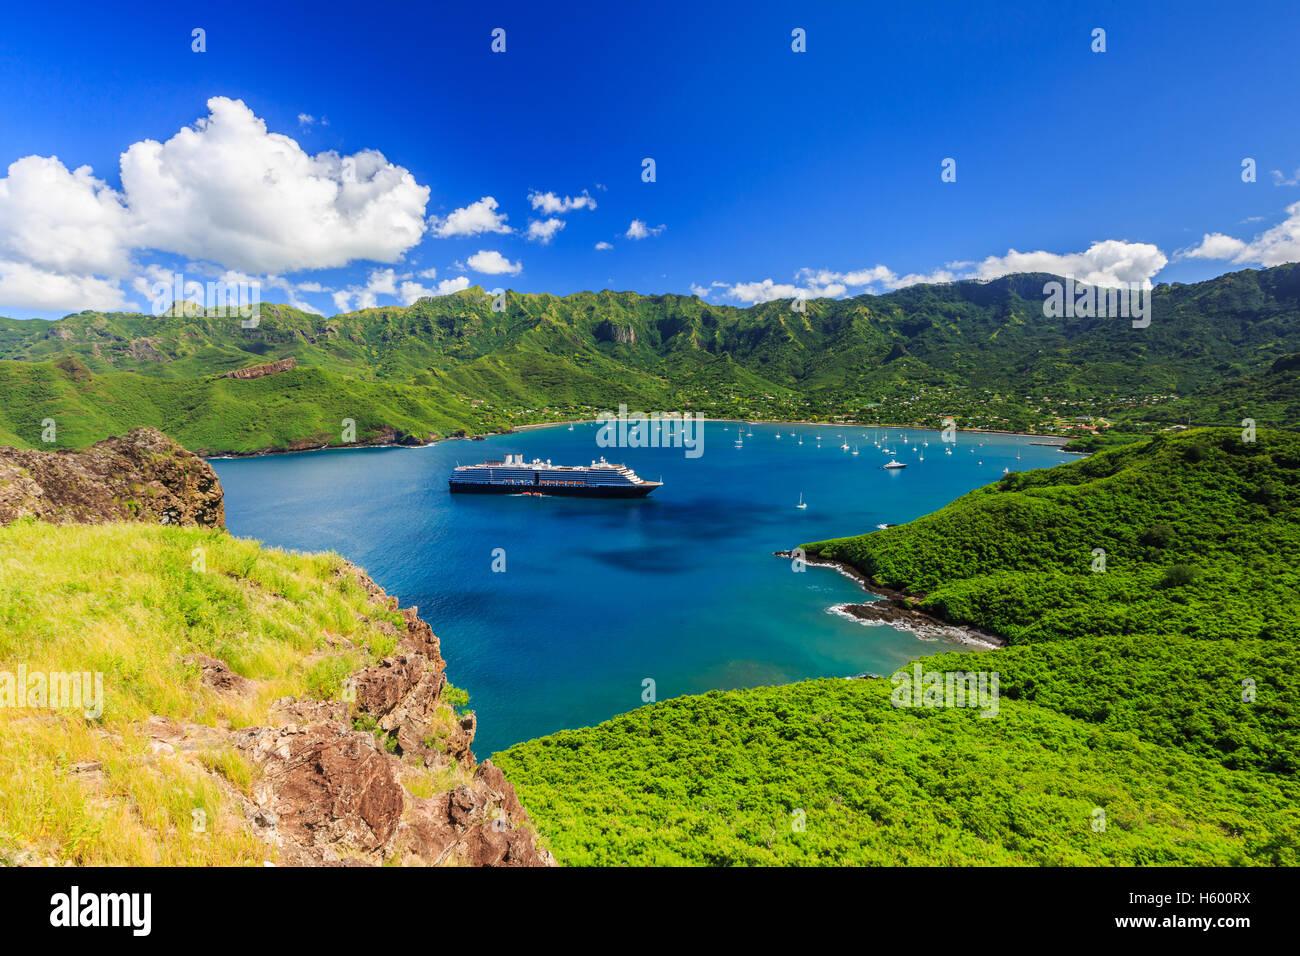 Nuku Hiva, Marquesas Islands. - Stock Image